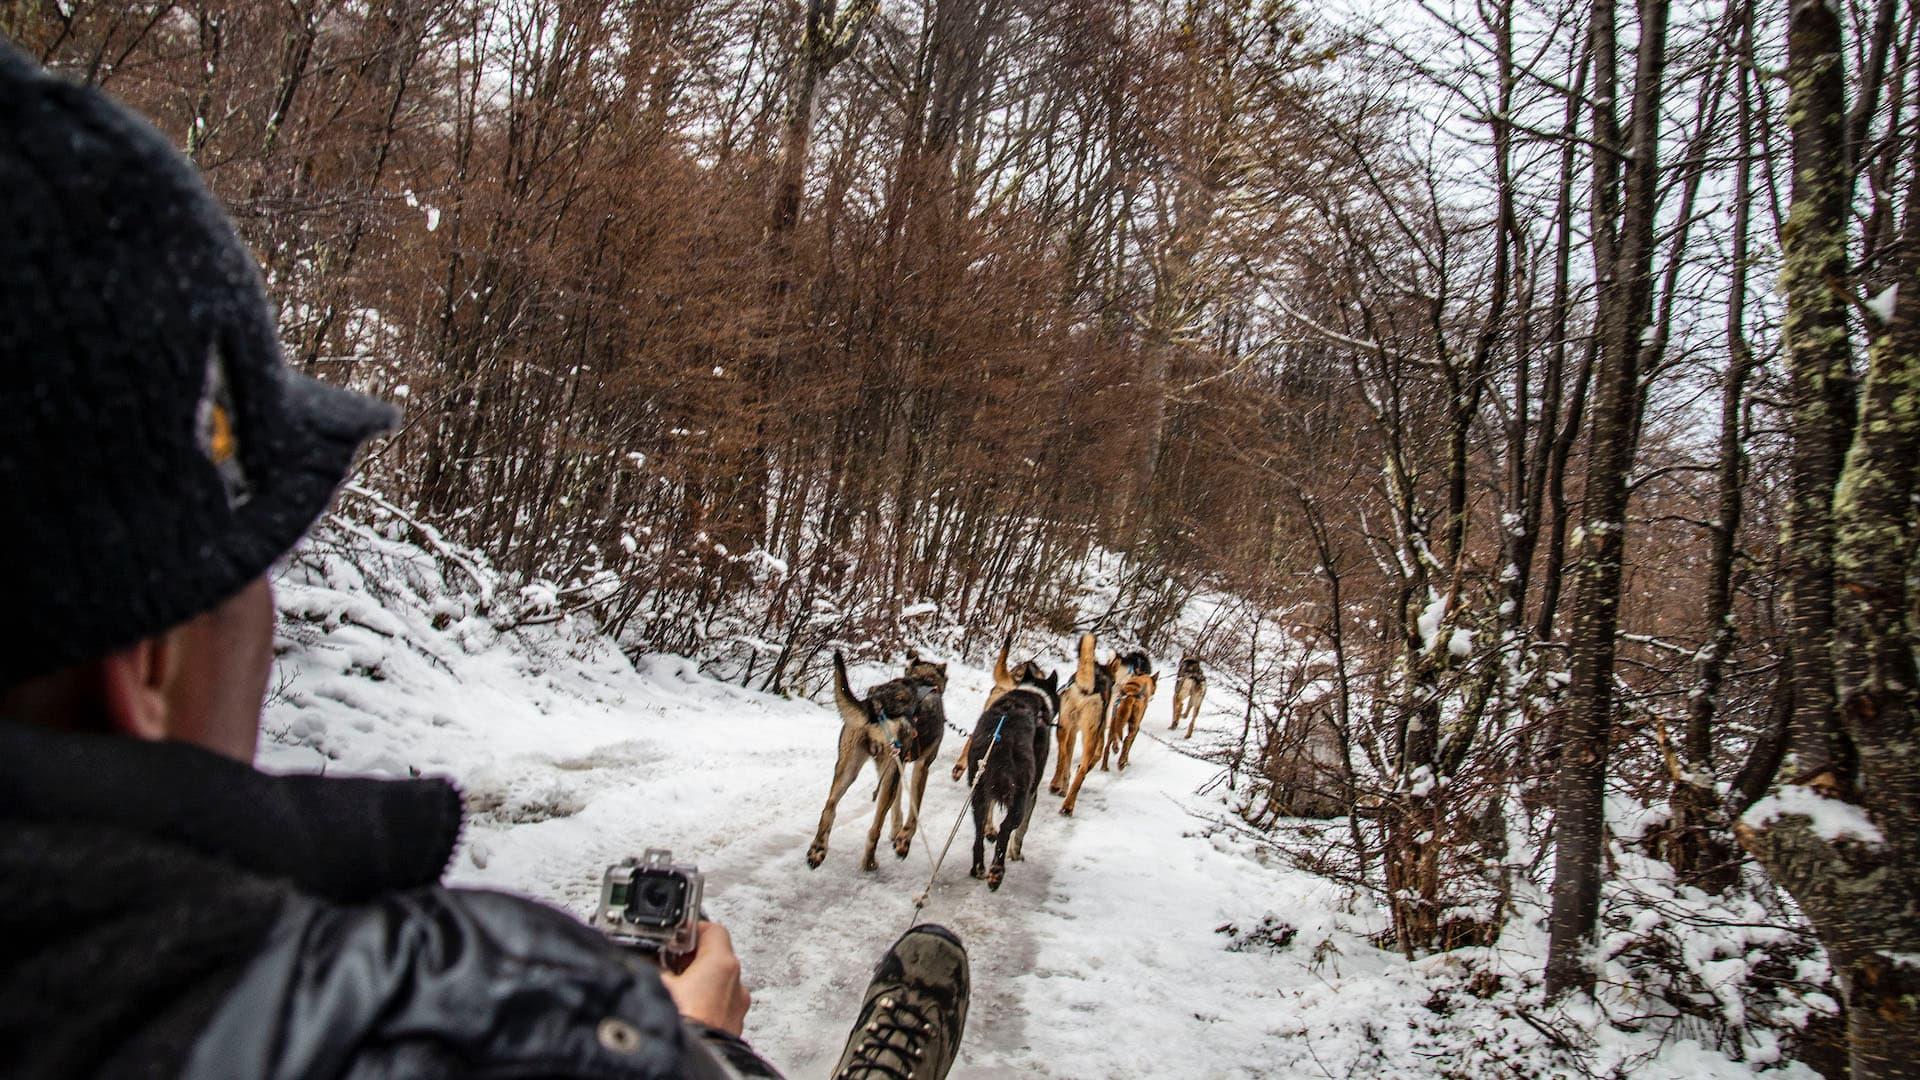 Viajar a Ushuaia: 5 actividades para hacer en la nieve, bosque y el Beagle